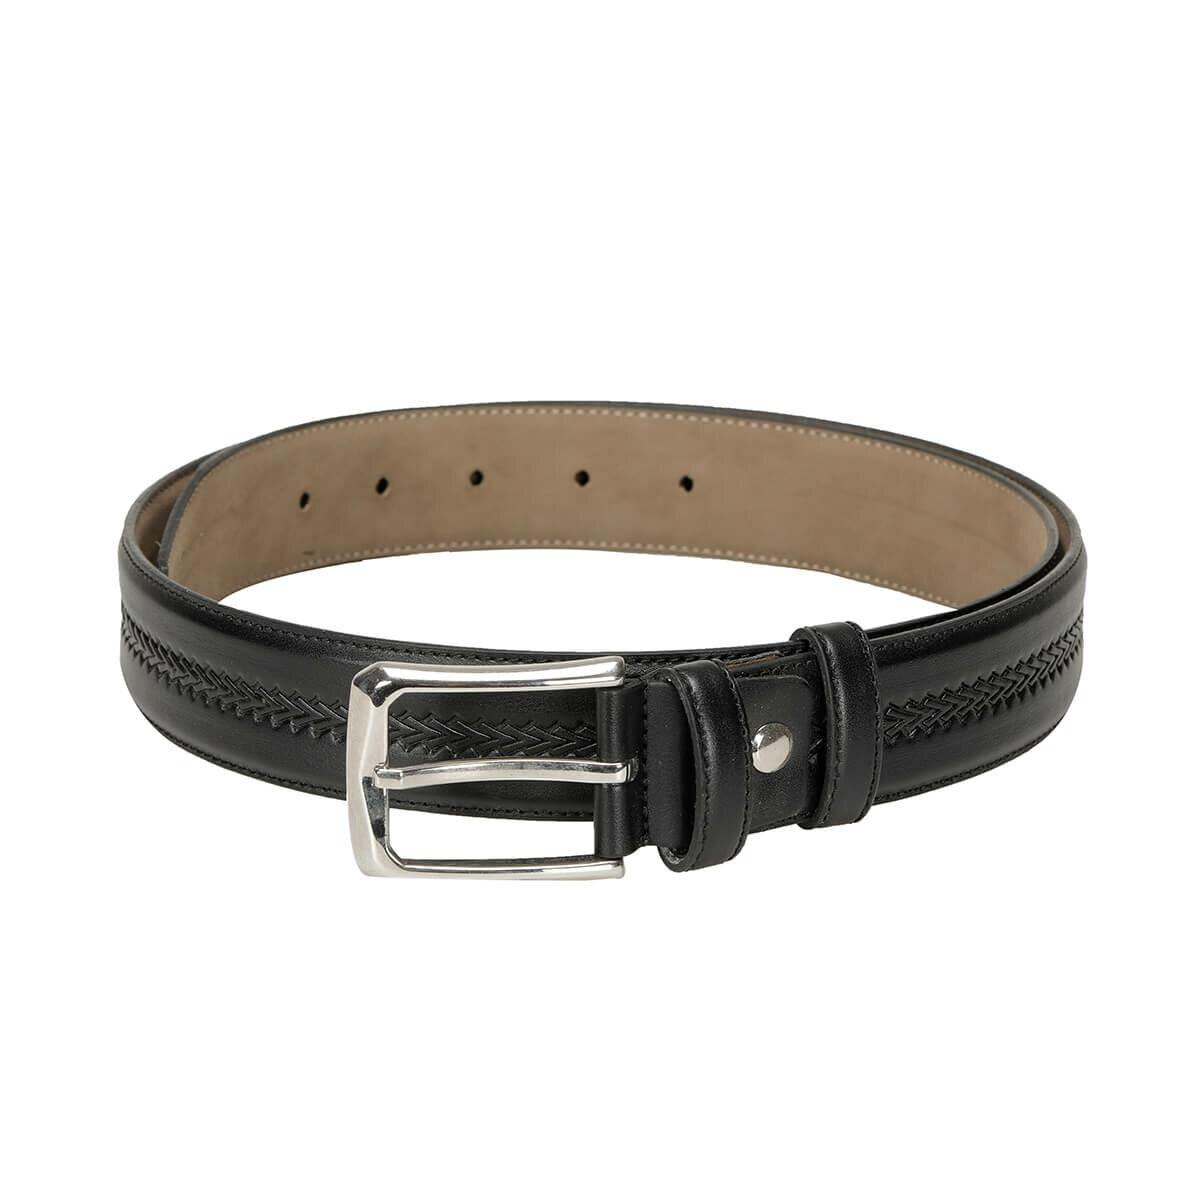 FLO MVZYN3405 Black Male Belt Garamond